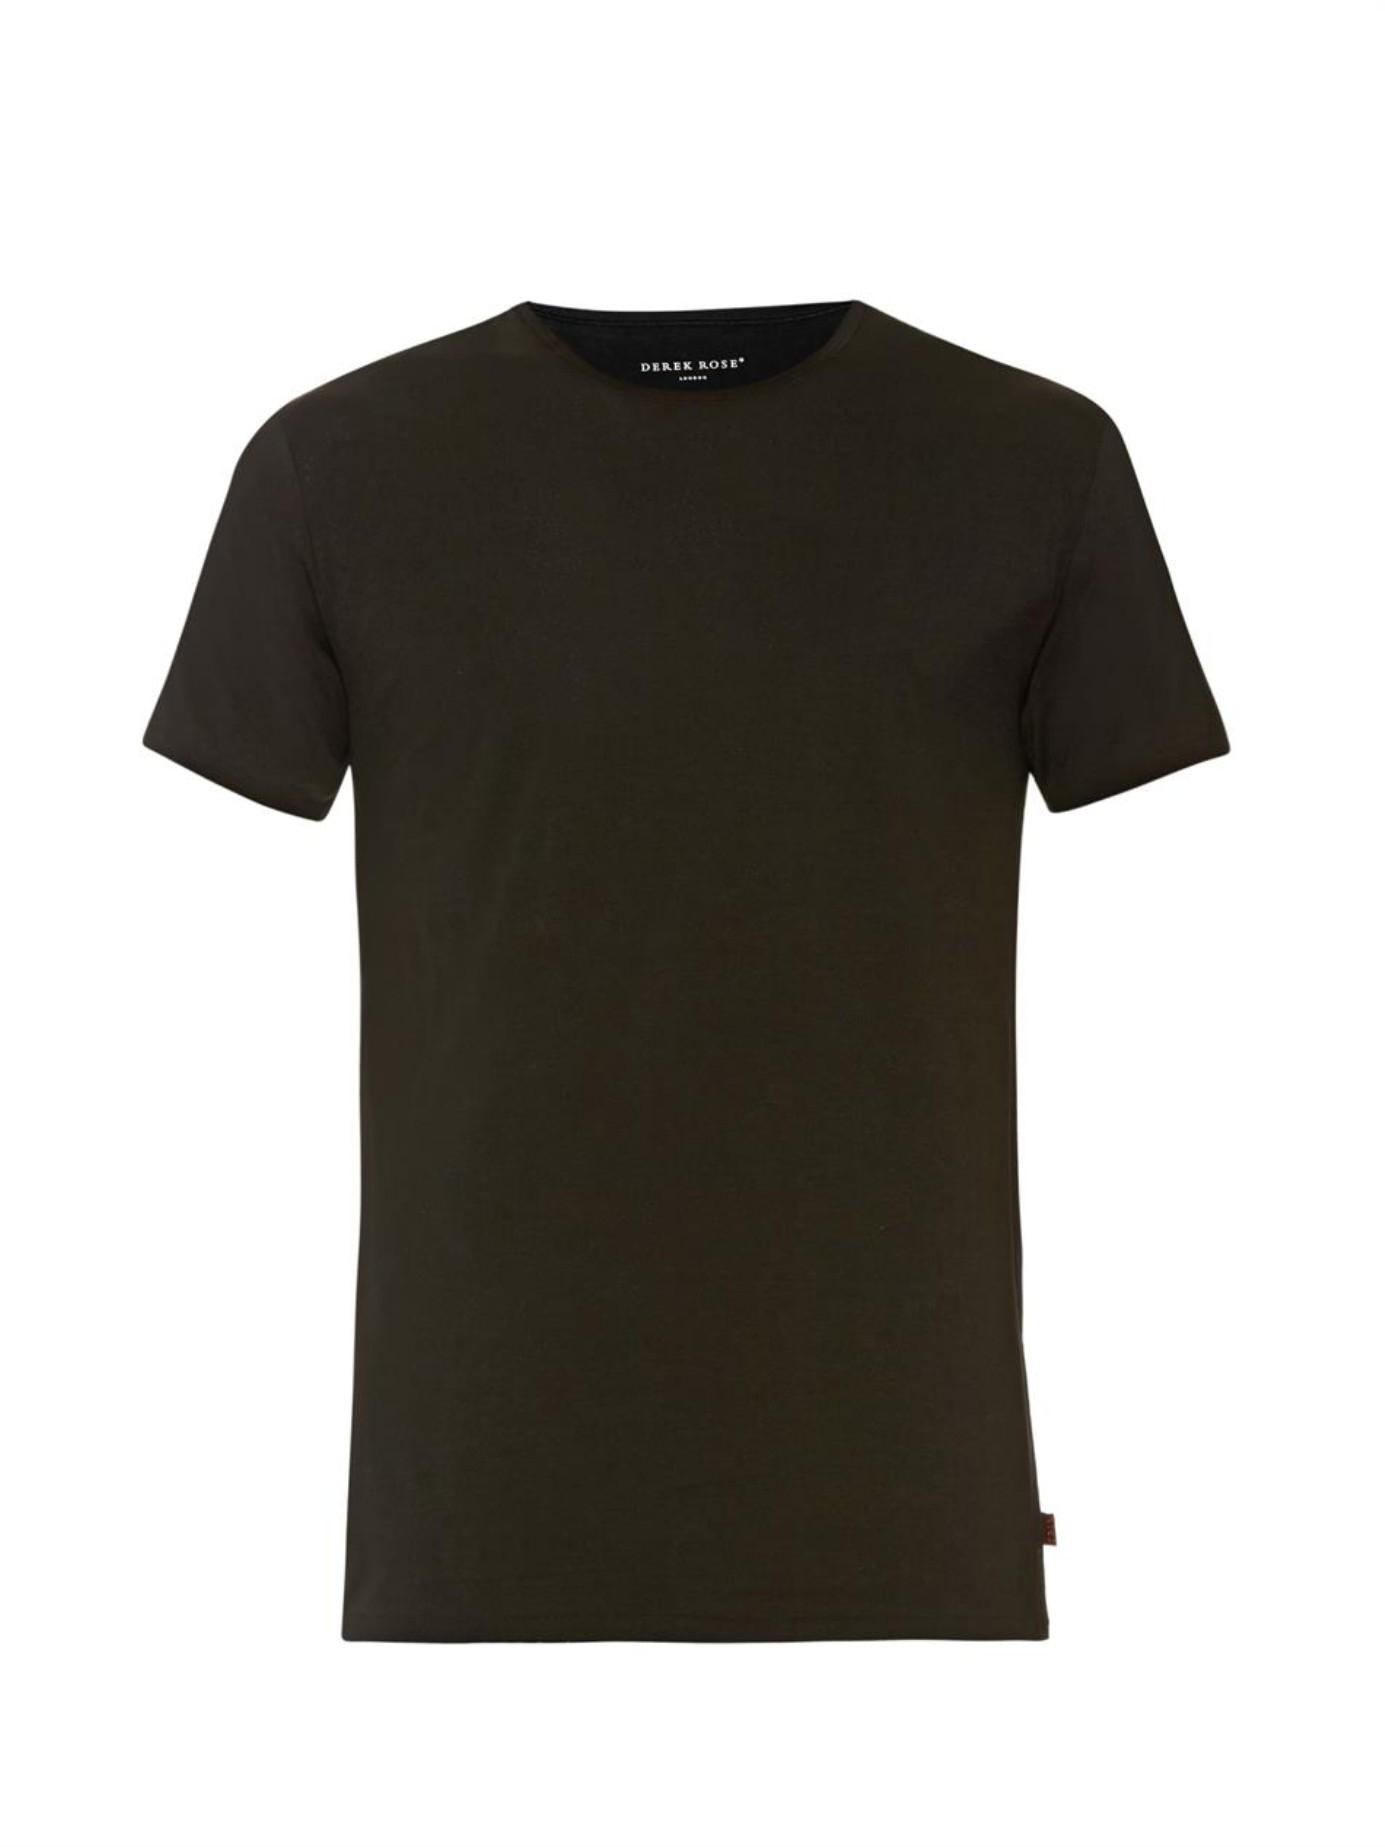 Derek rose pima cotton crew neck t shirt in black for men for Pima cotton crew neck t shirt